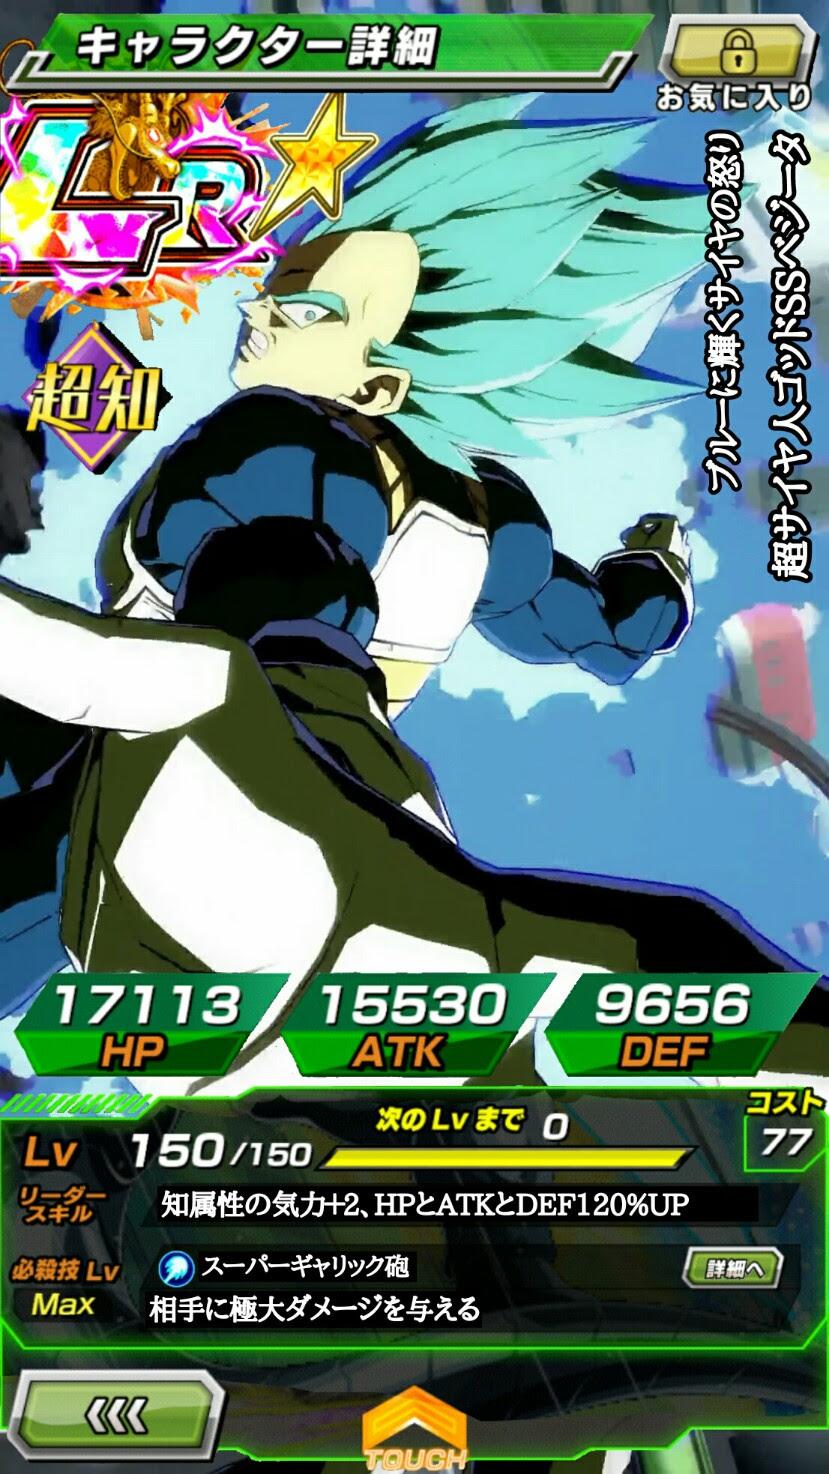 ブルーに輝くサイヤの怒り超サイヤ人ゴッドssベジータlr Azusaの